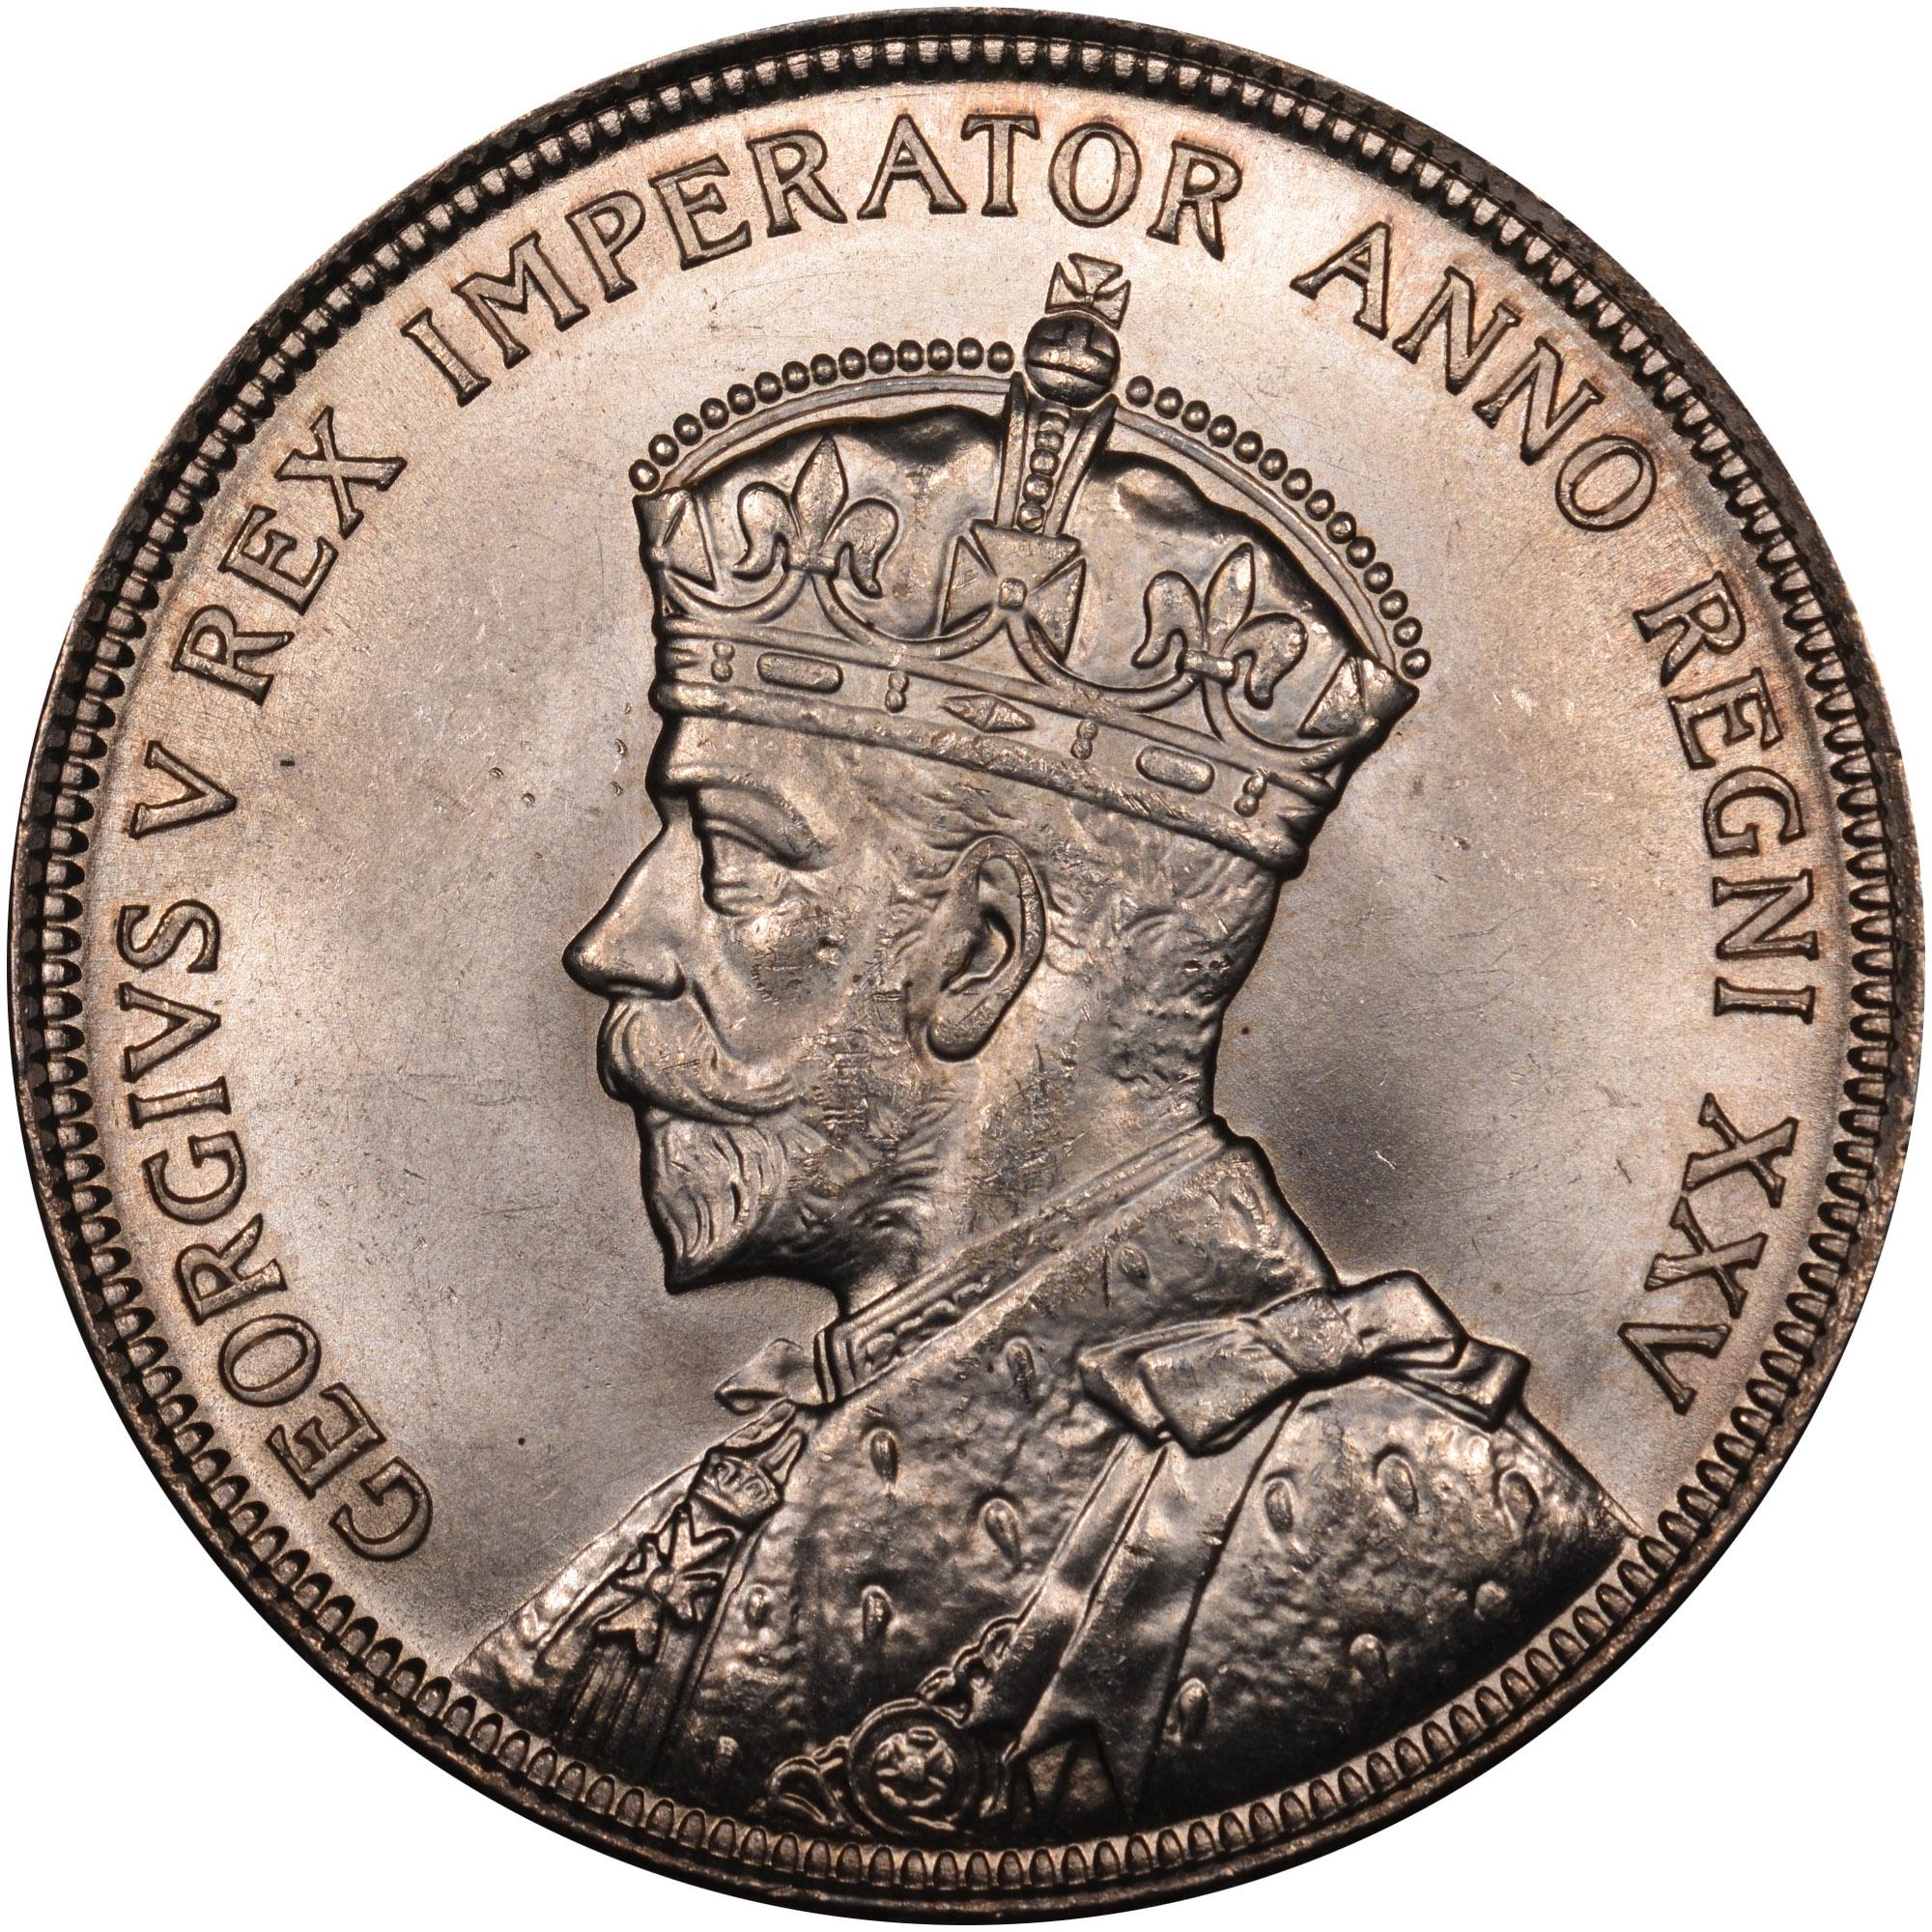 Fnd Coin 30 30lt Ixledger Coin Design Jobs